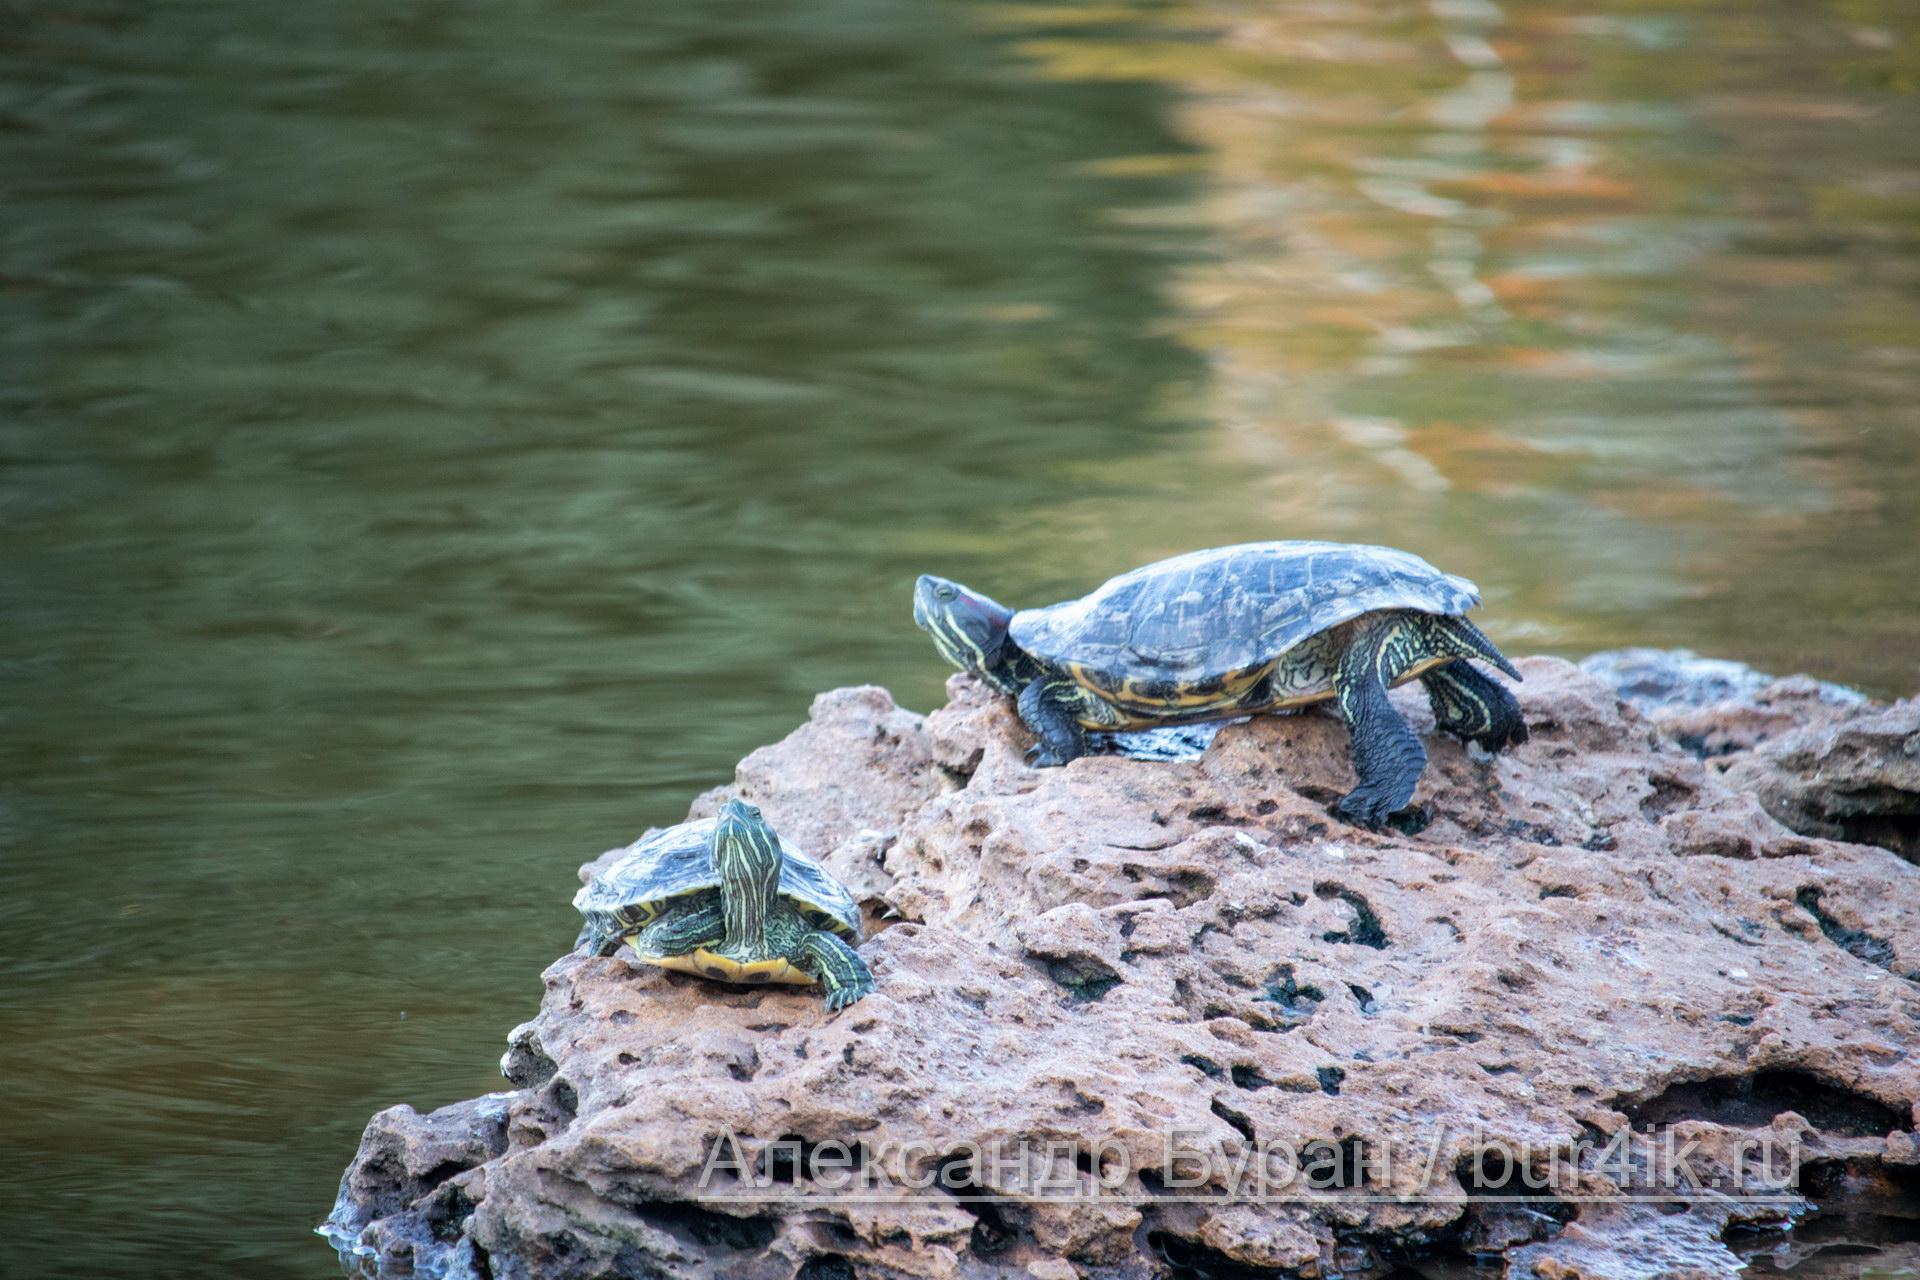 Две черепашки греются на камне в пруду